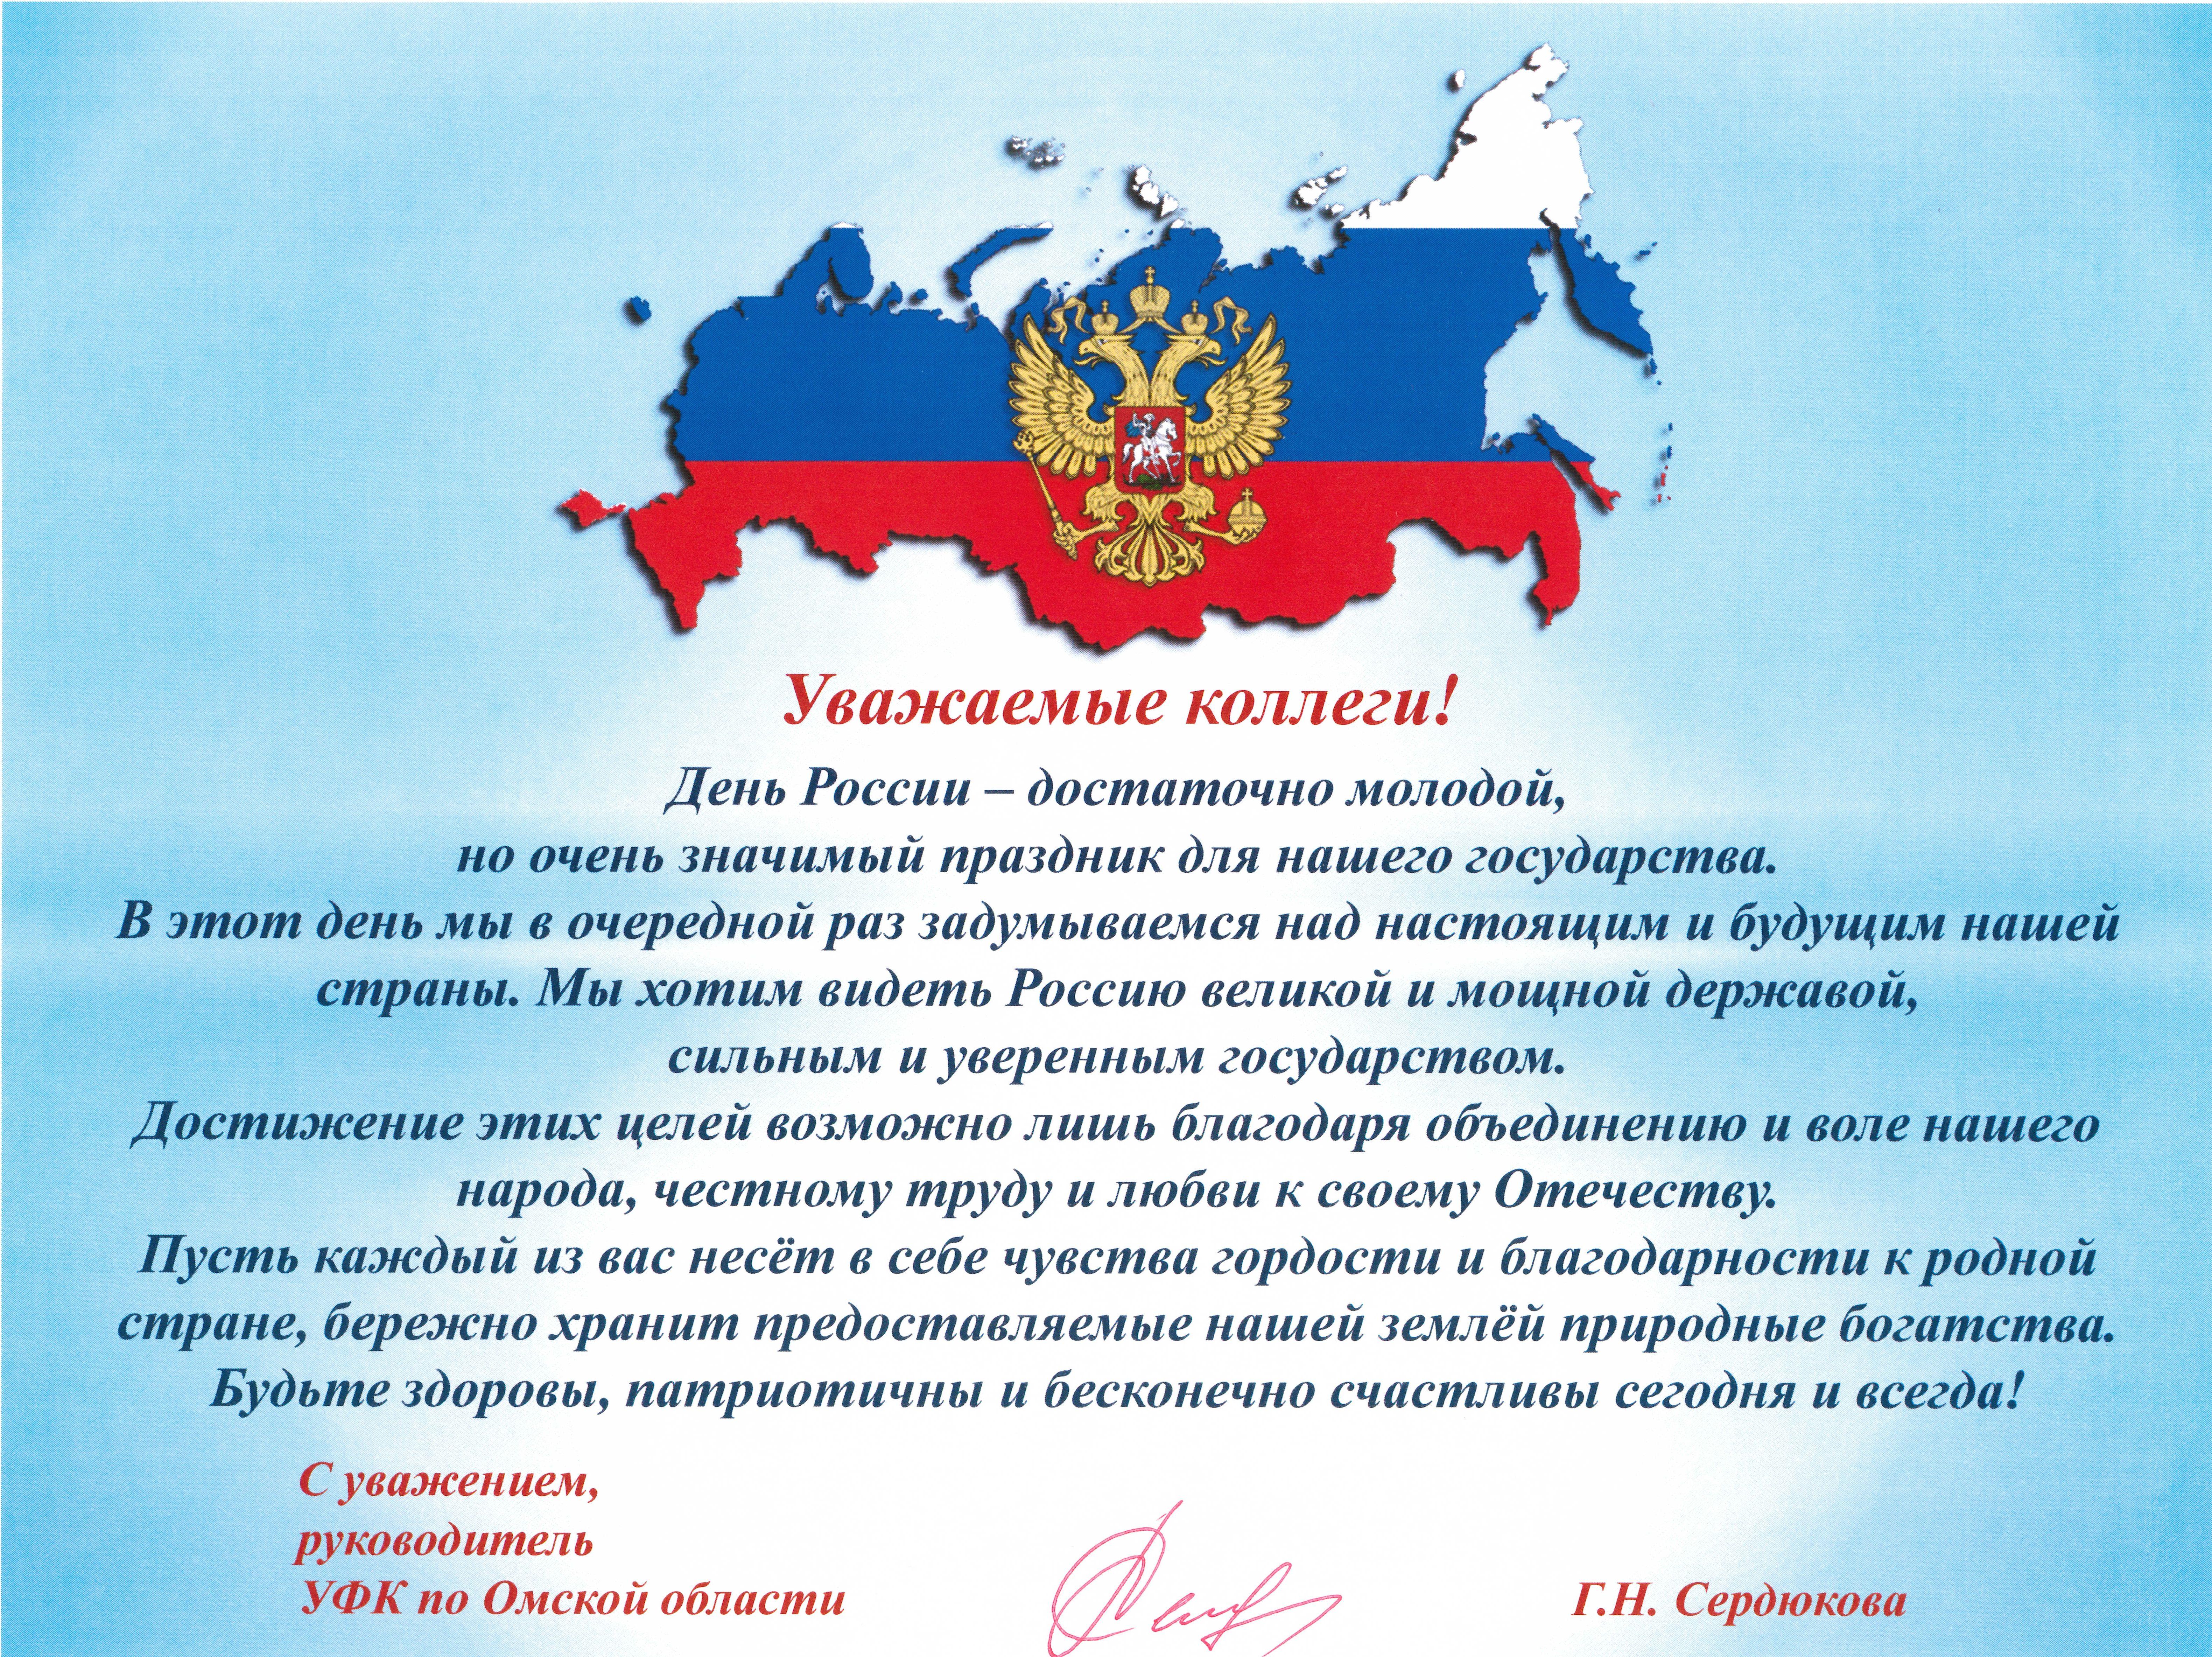 поздравление главы с нем города с днем россии огромному сожалению, ему